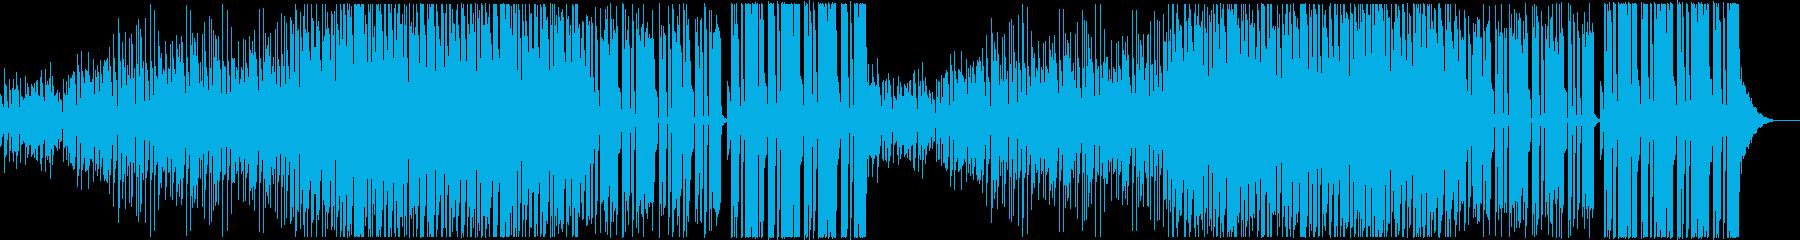 クール・スタイリッシュ・EDM・4の再生済みの波形